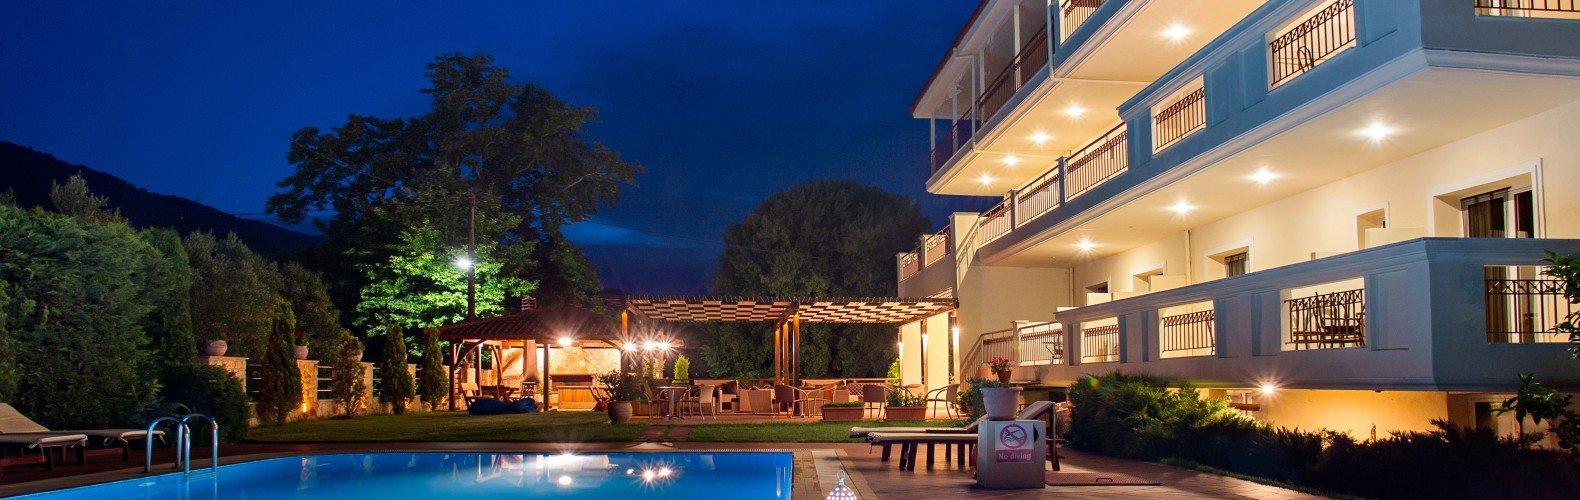 Hotel design - αρχιτεκτονική & διακοσμηση ξενοδοχειων